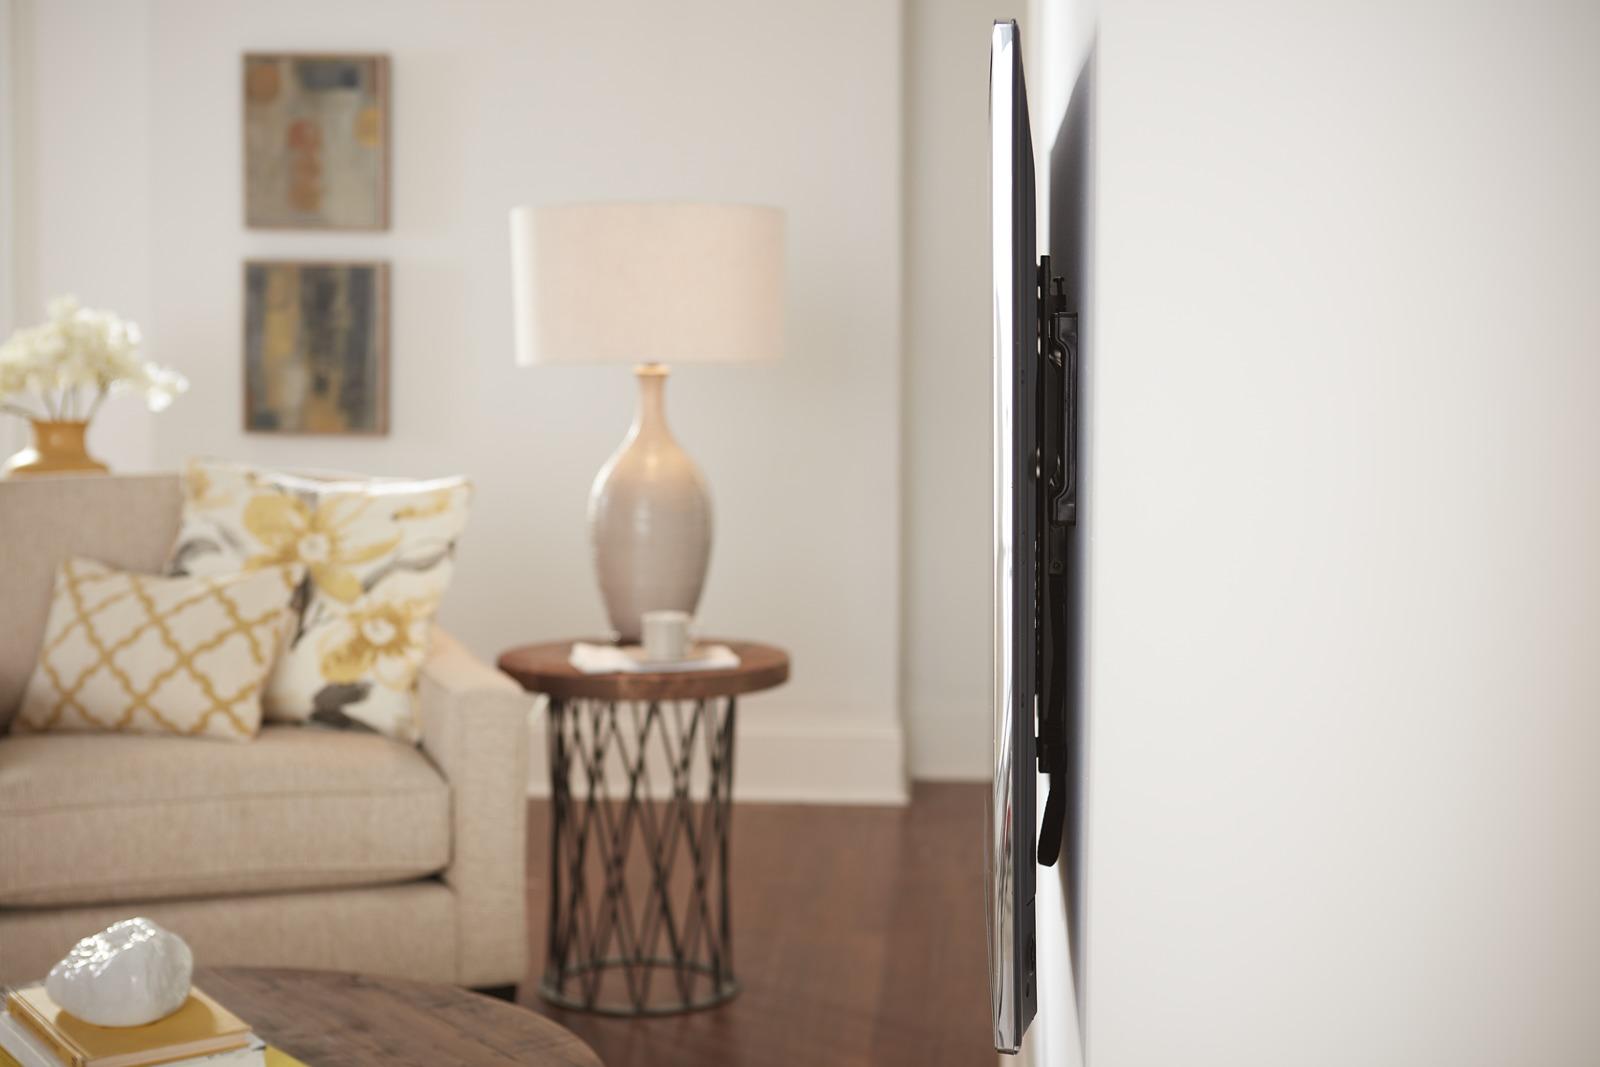 SANUS OLL15 fixed position TV mount